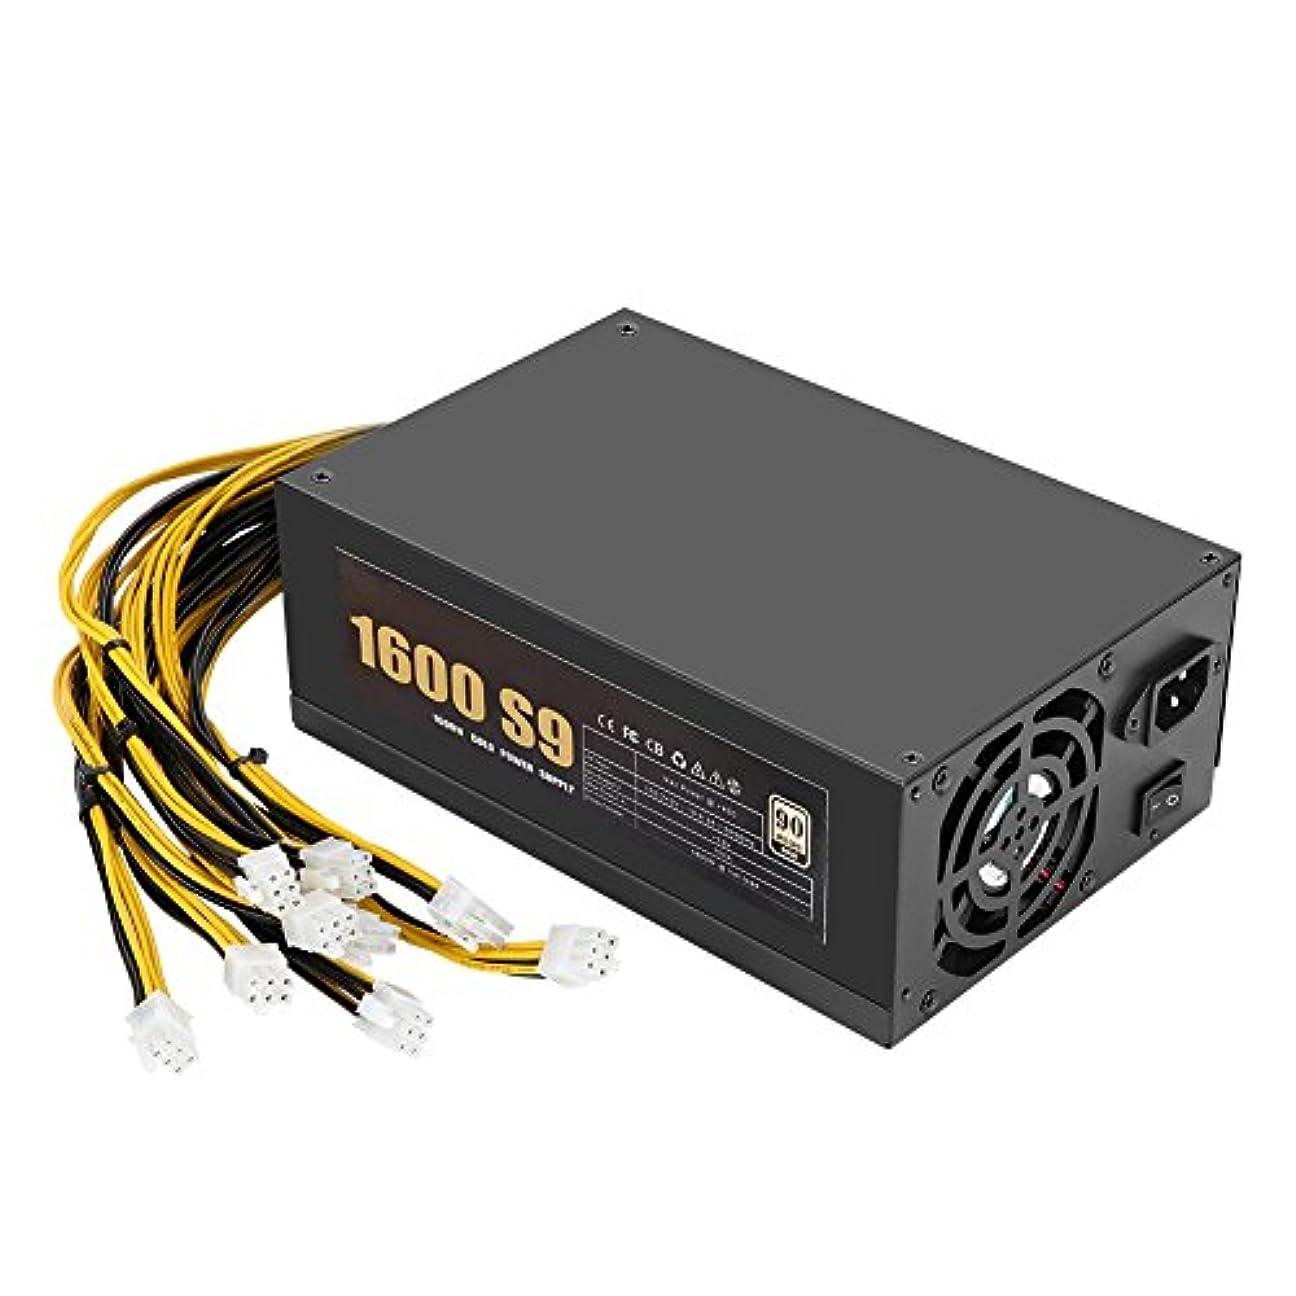 人形忍耐神Fosa 1600W 160-240Vマイナー電源、92%高効率ファンPSU電源、Bitcoin/ETH / Ethereumマイナーマイニングマシン用 10 * 6Pinケーブル付き